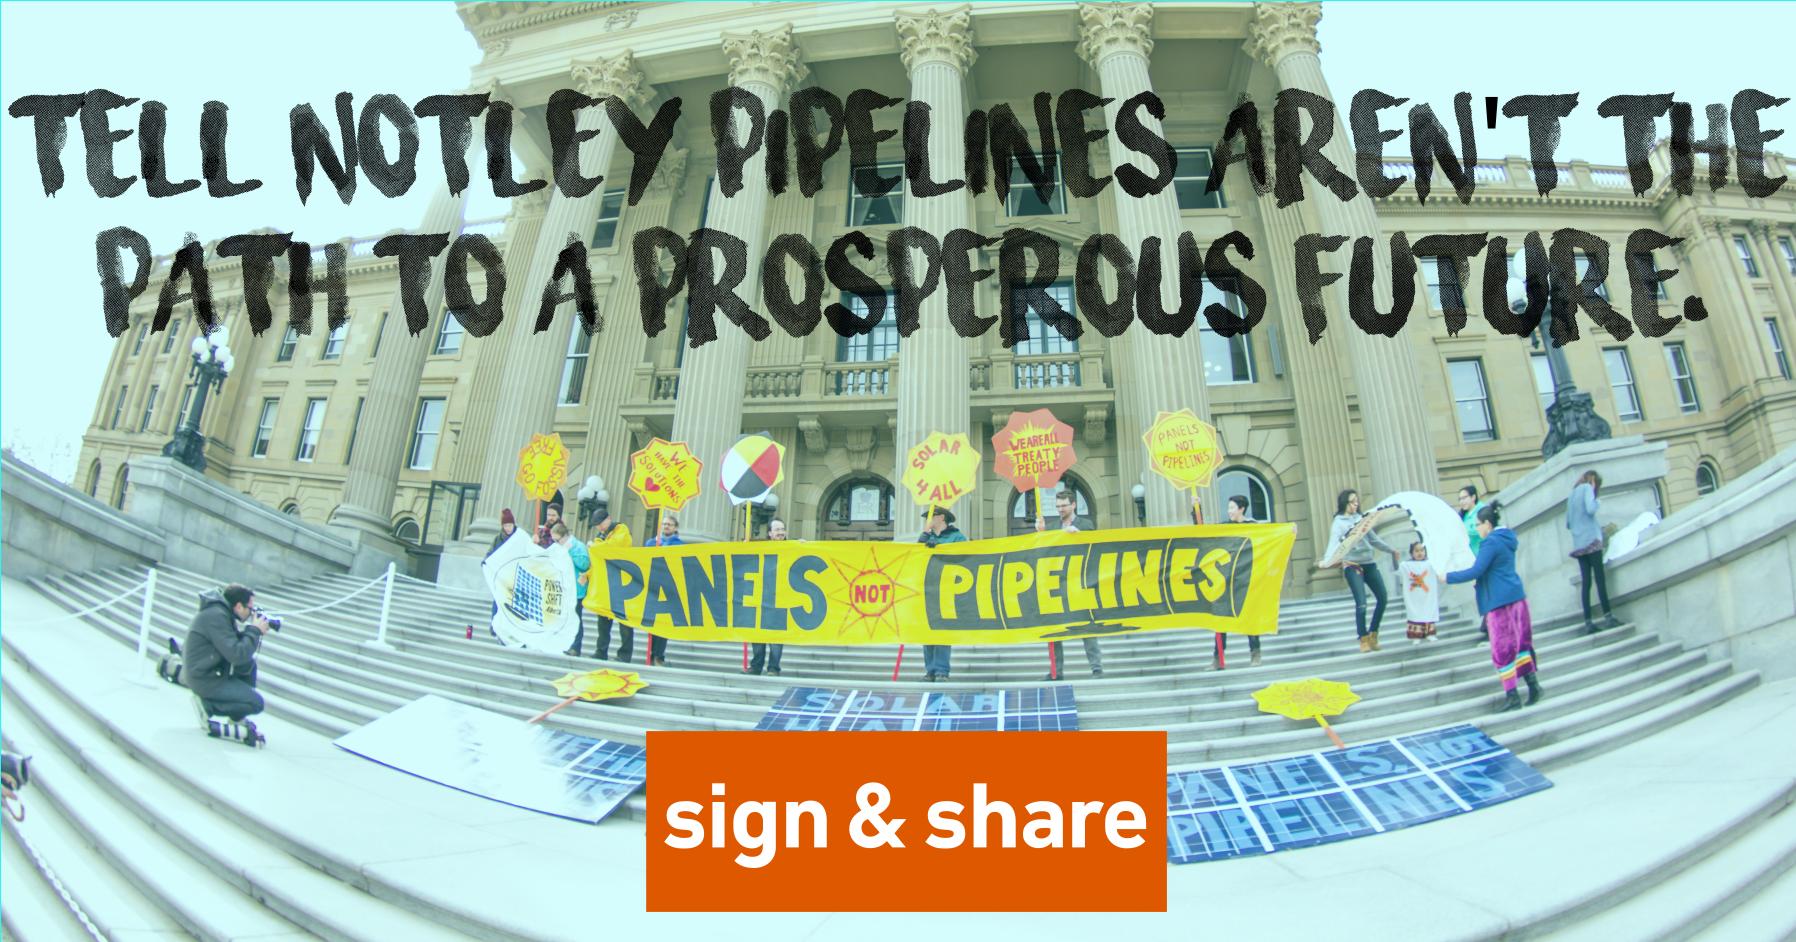 tellnotley_nopipelines